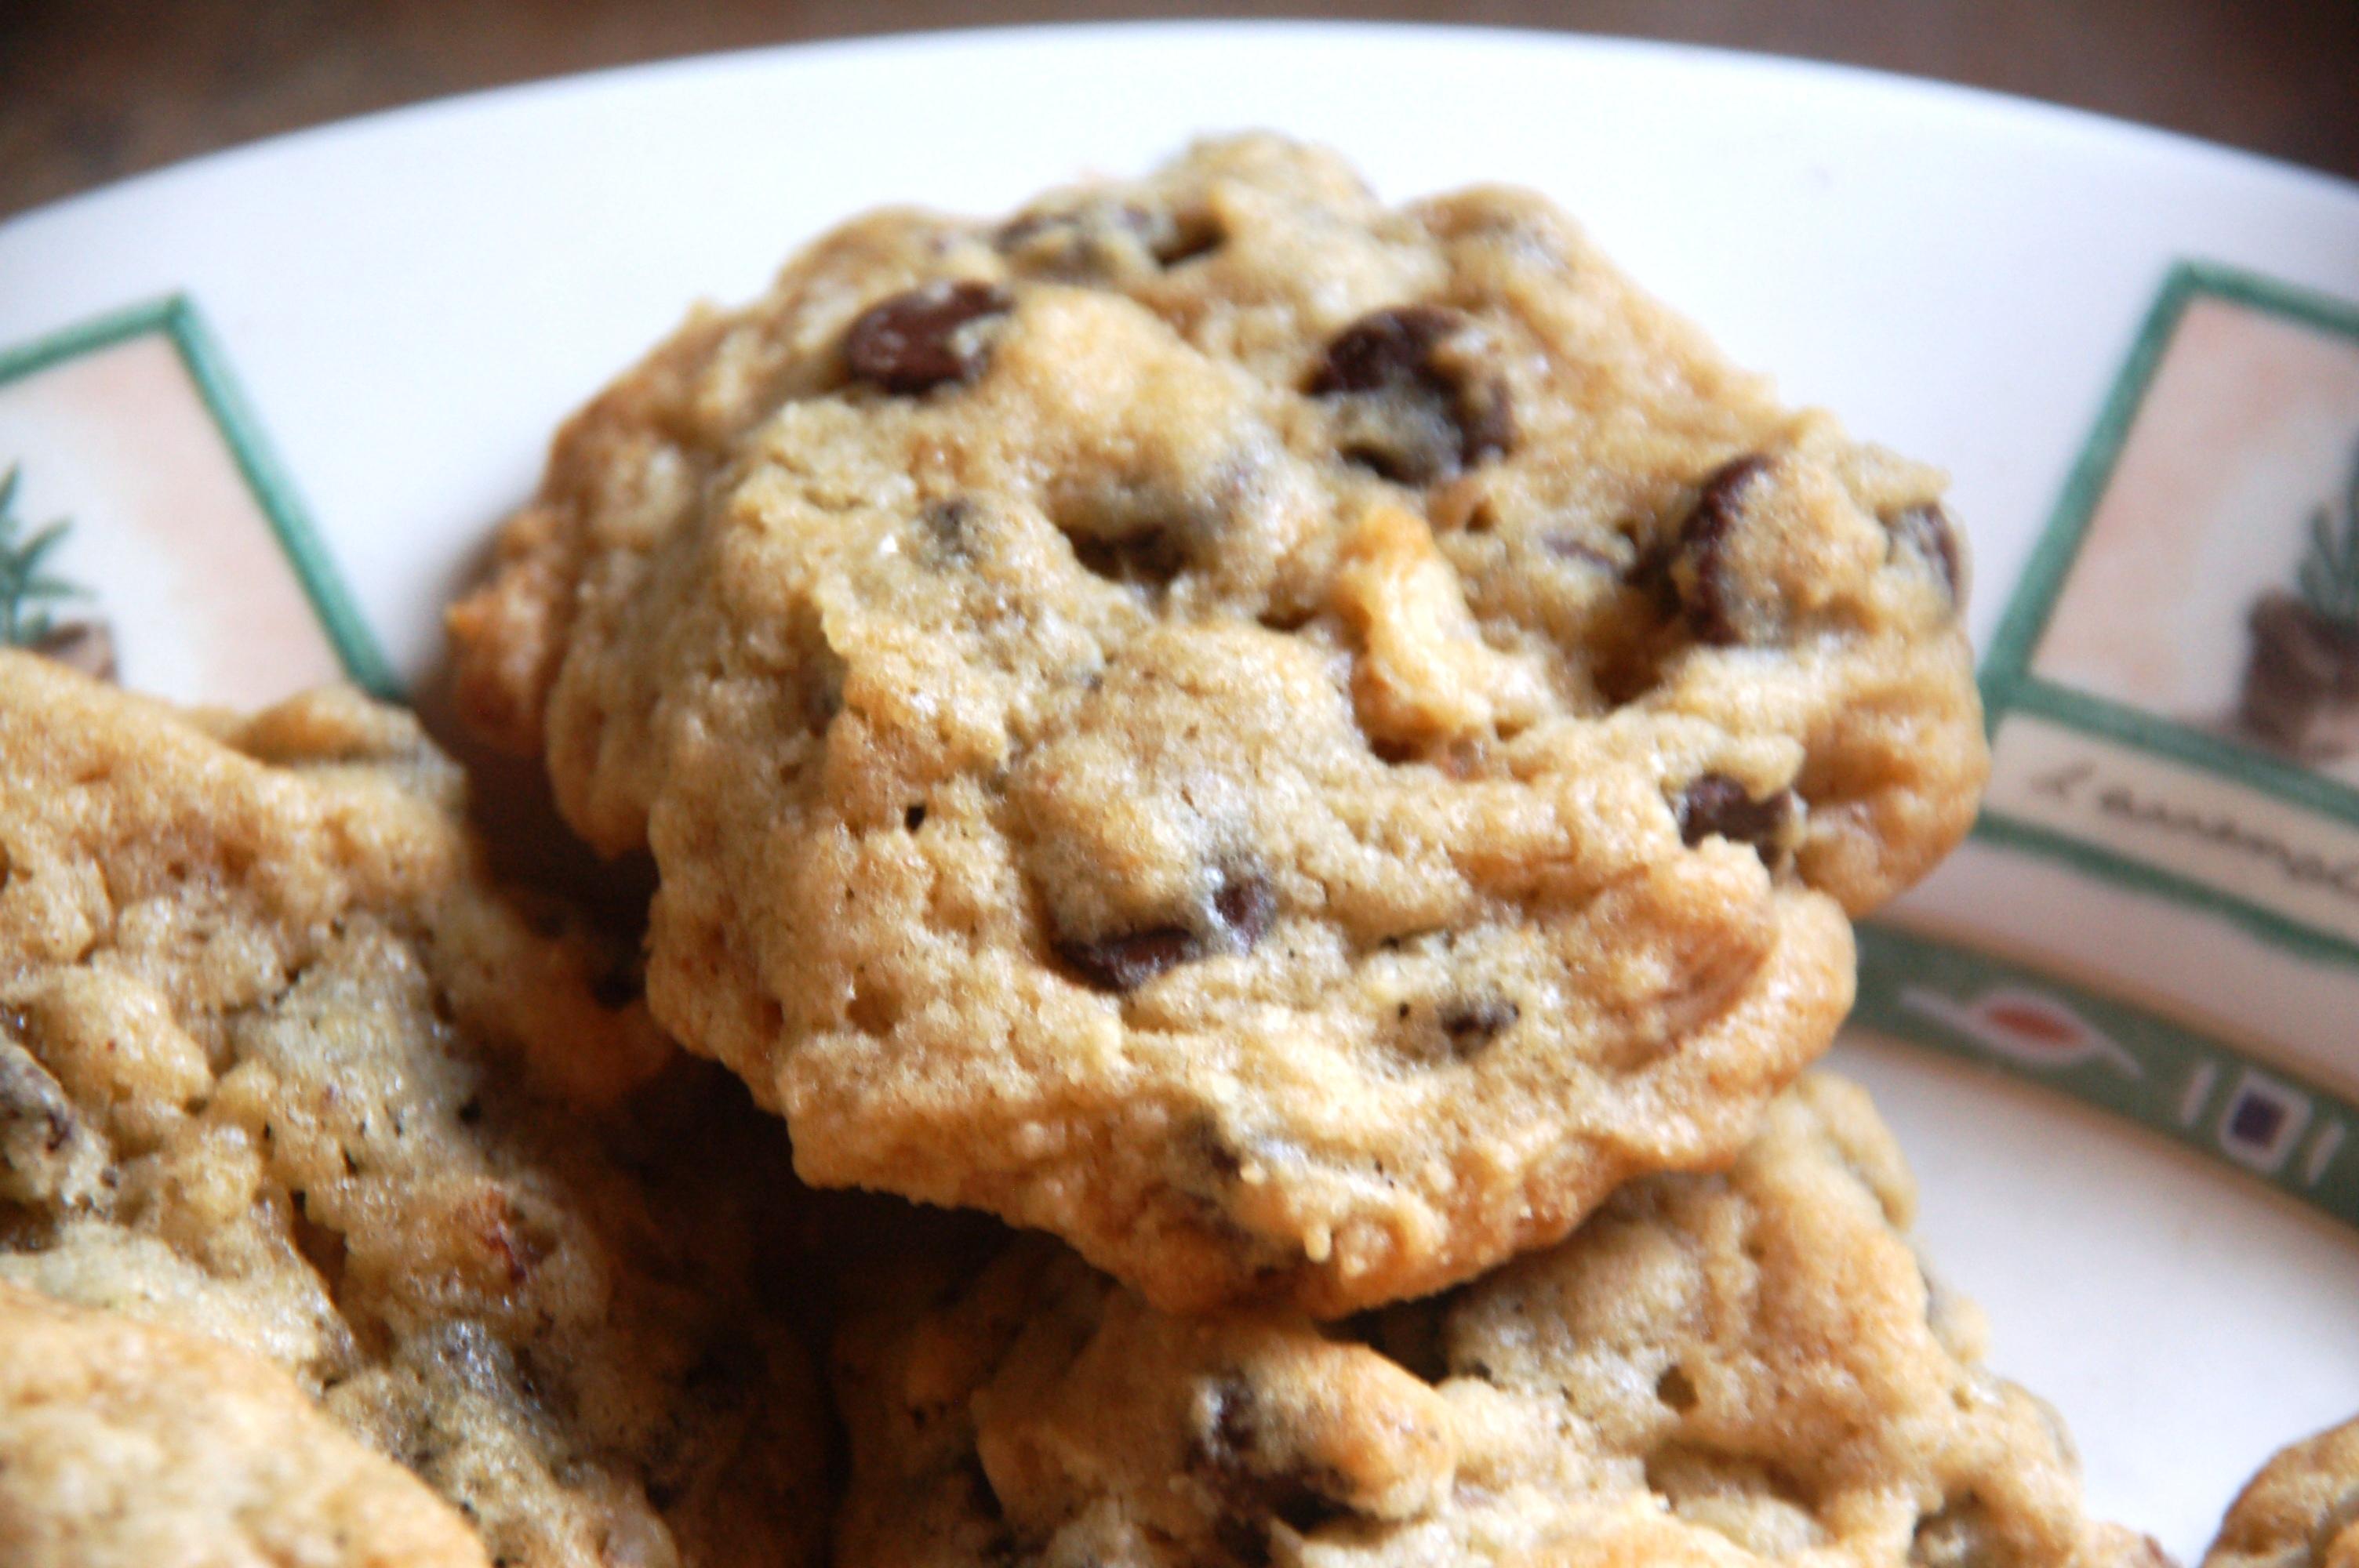 3.CookieClose-up.2009-07-14_18-14-07